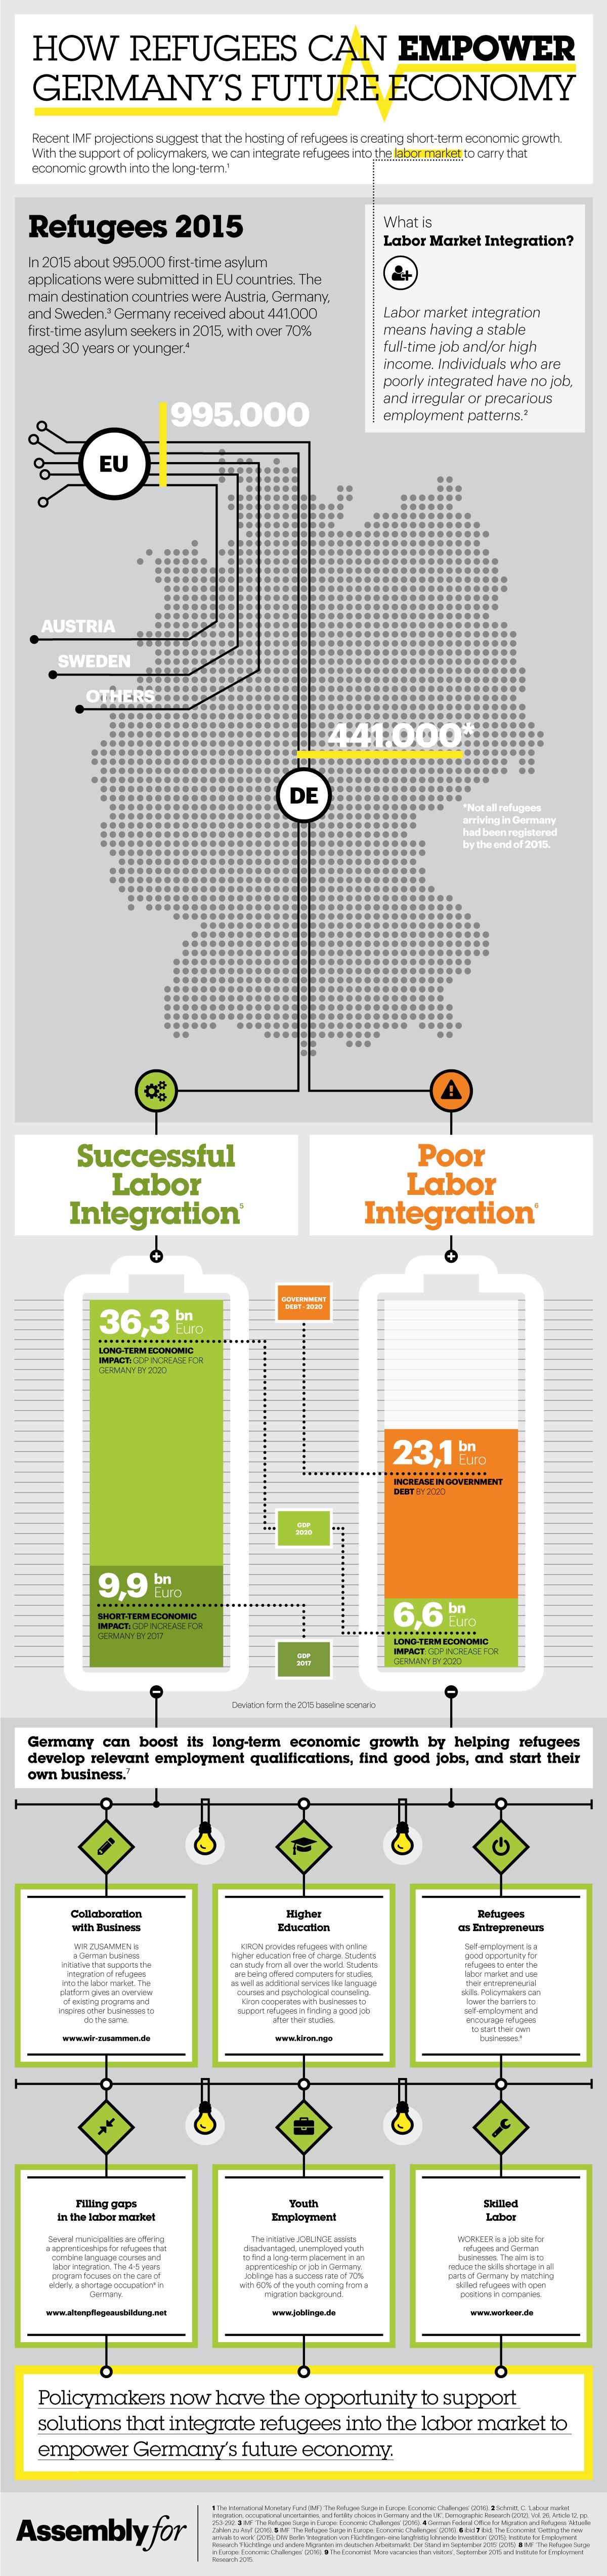 Refugees & Economy infographic